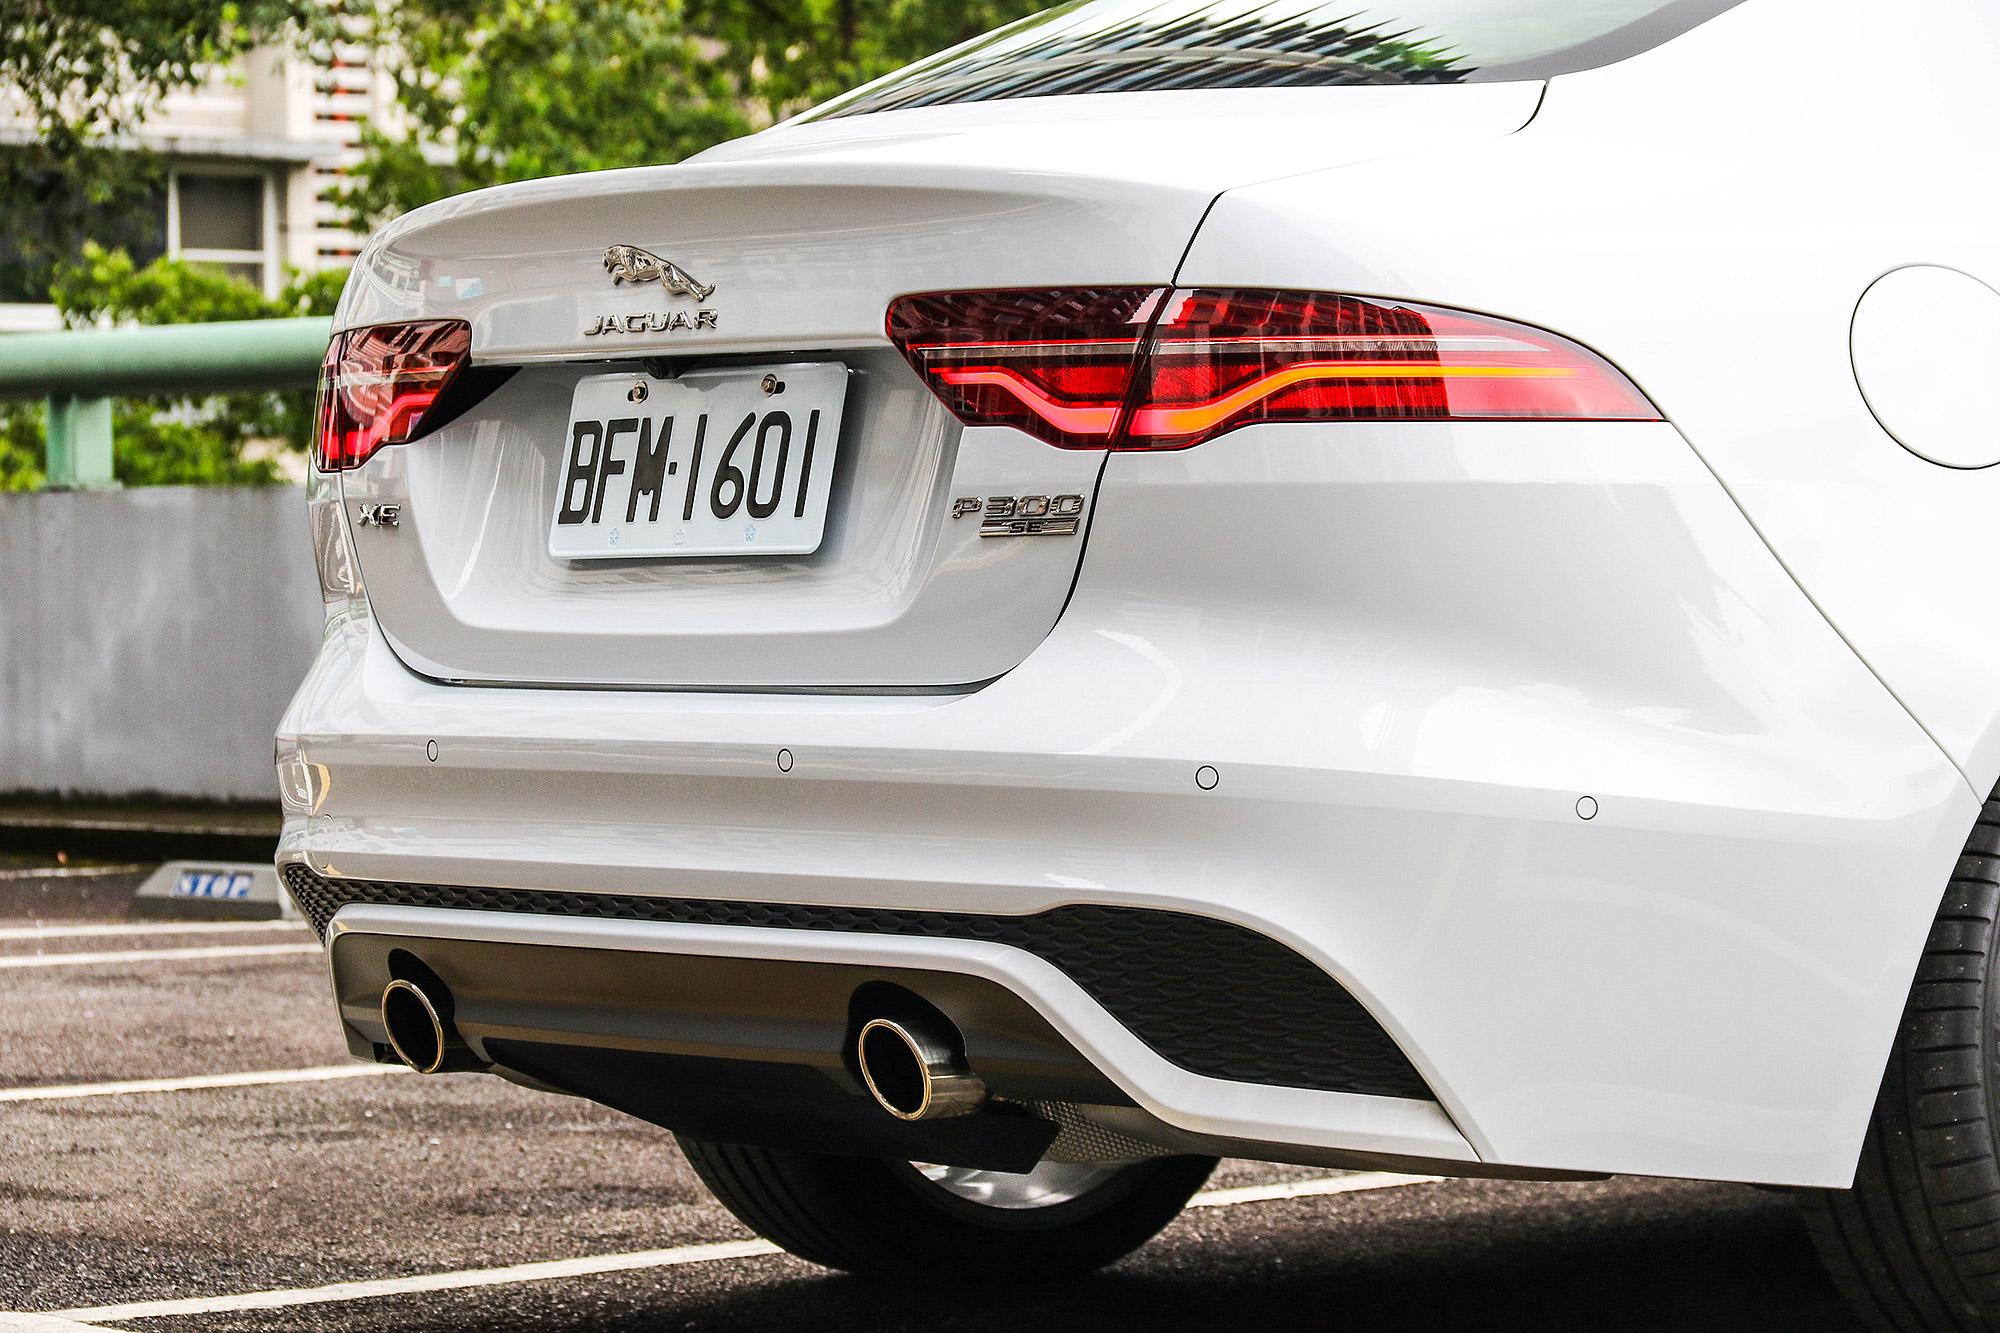 車尾的尾燈輪廓並未有大幅度更動,但植入全新的 LED 尾燈。